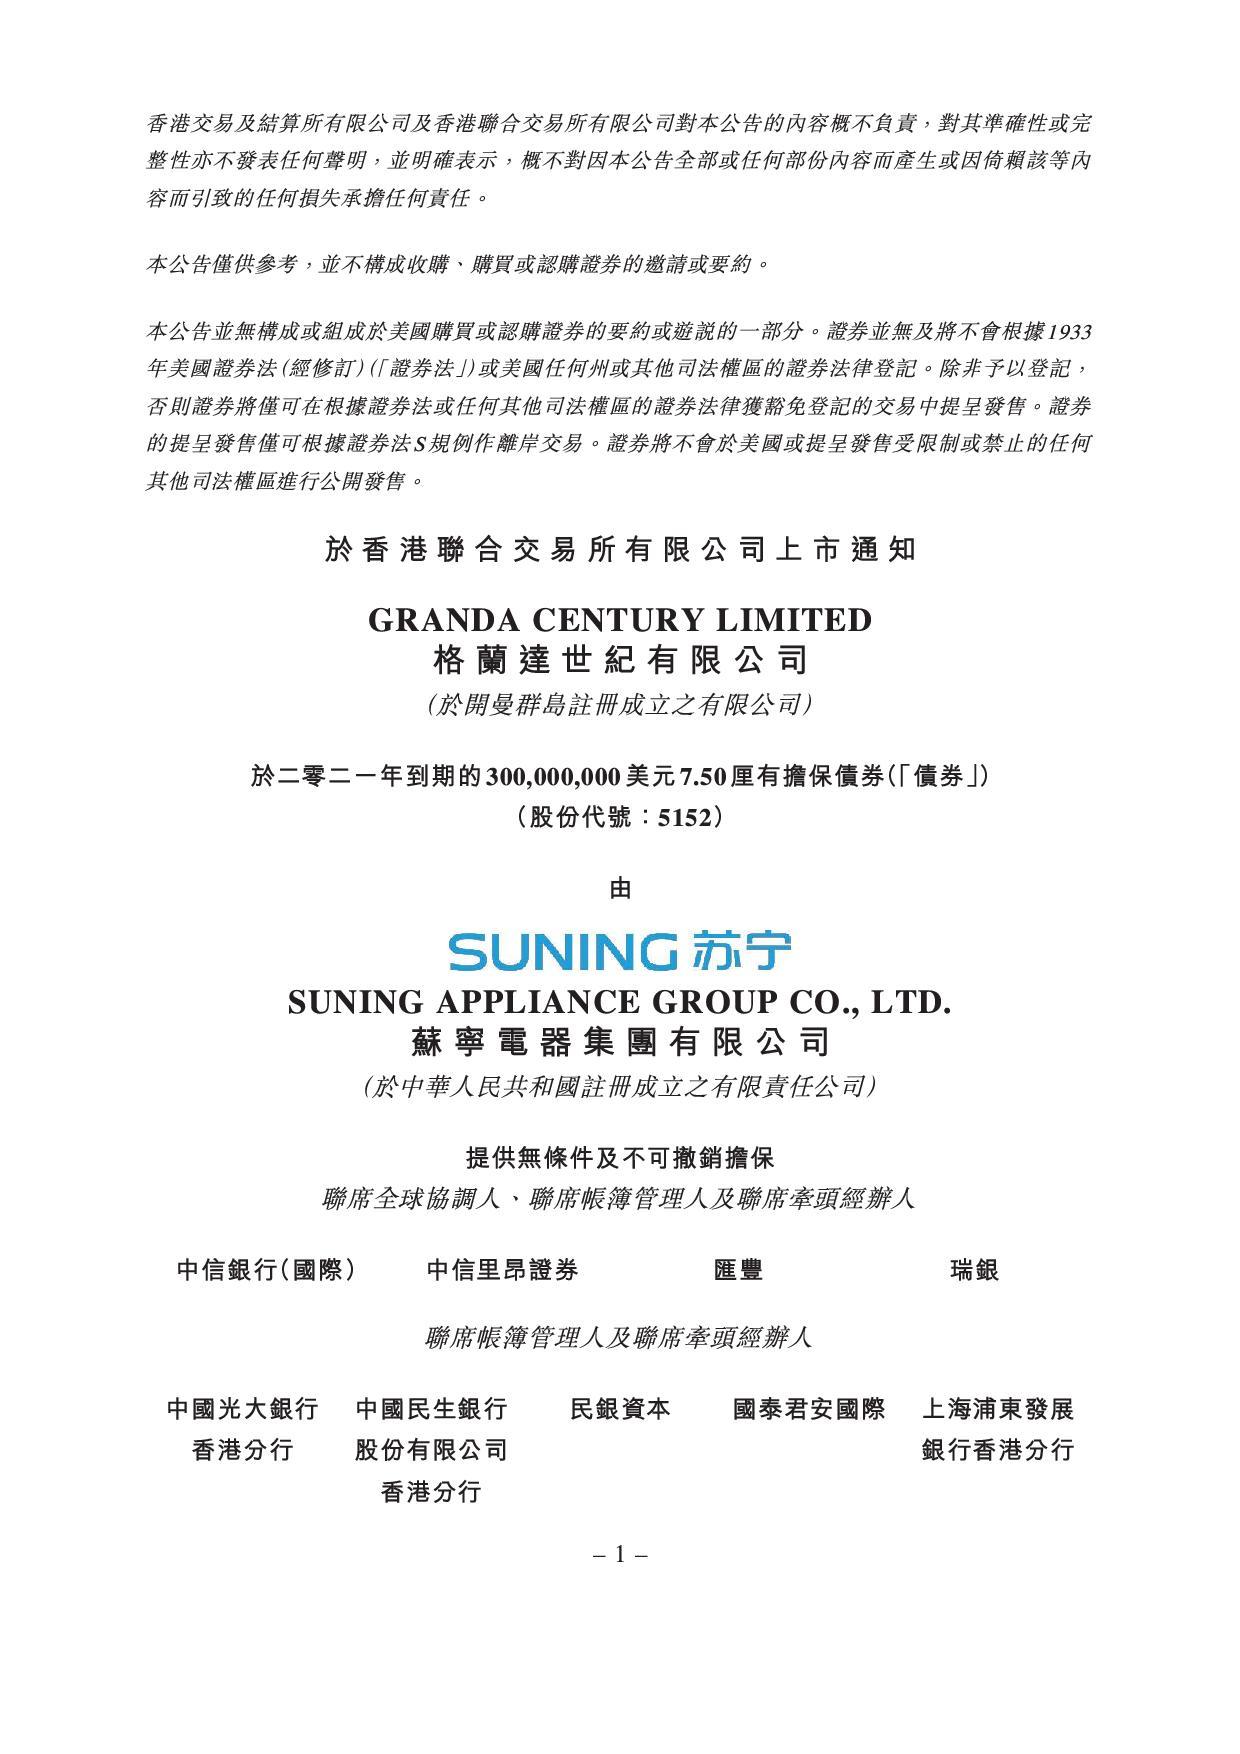 苏宁电器集团有限公司